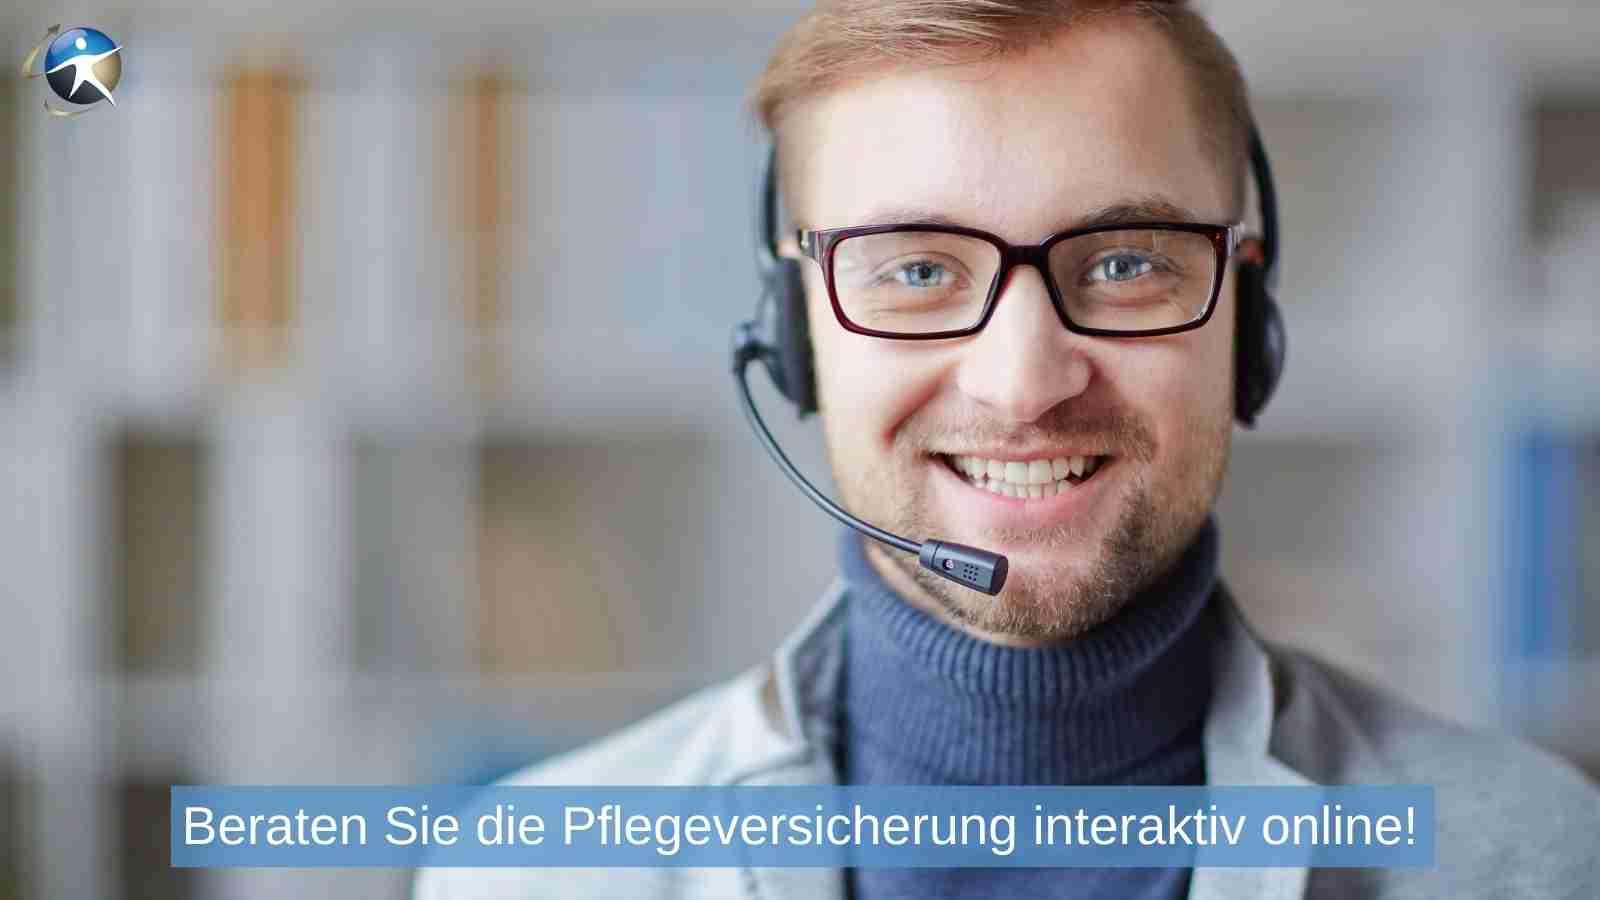 Nutzen Sie die Online-Beratung für die Pflegeversicherung